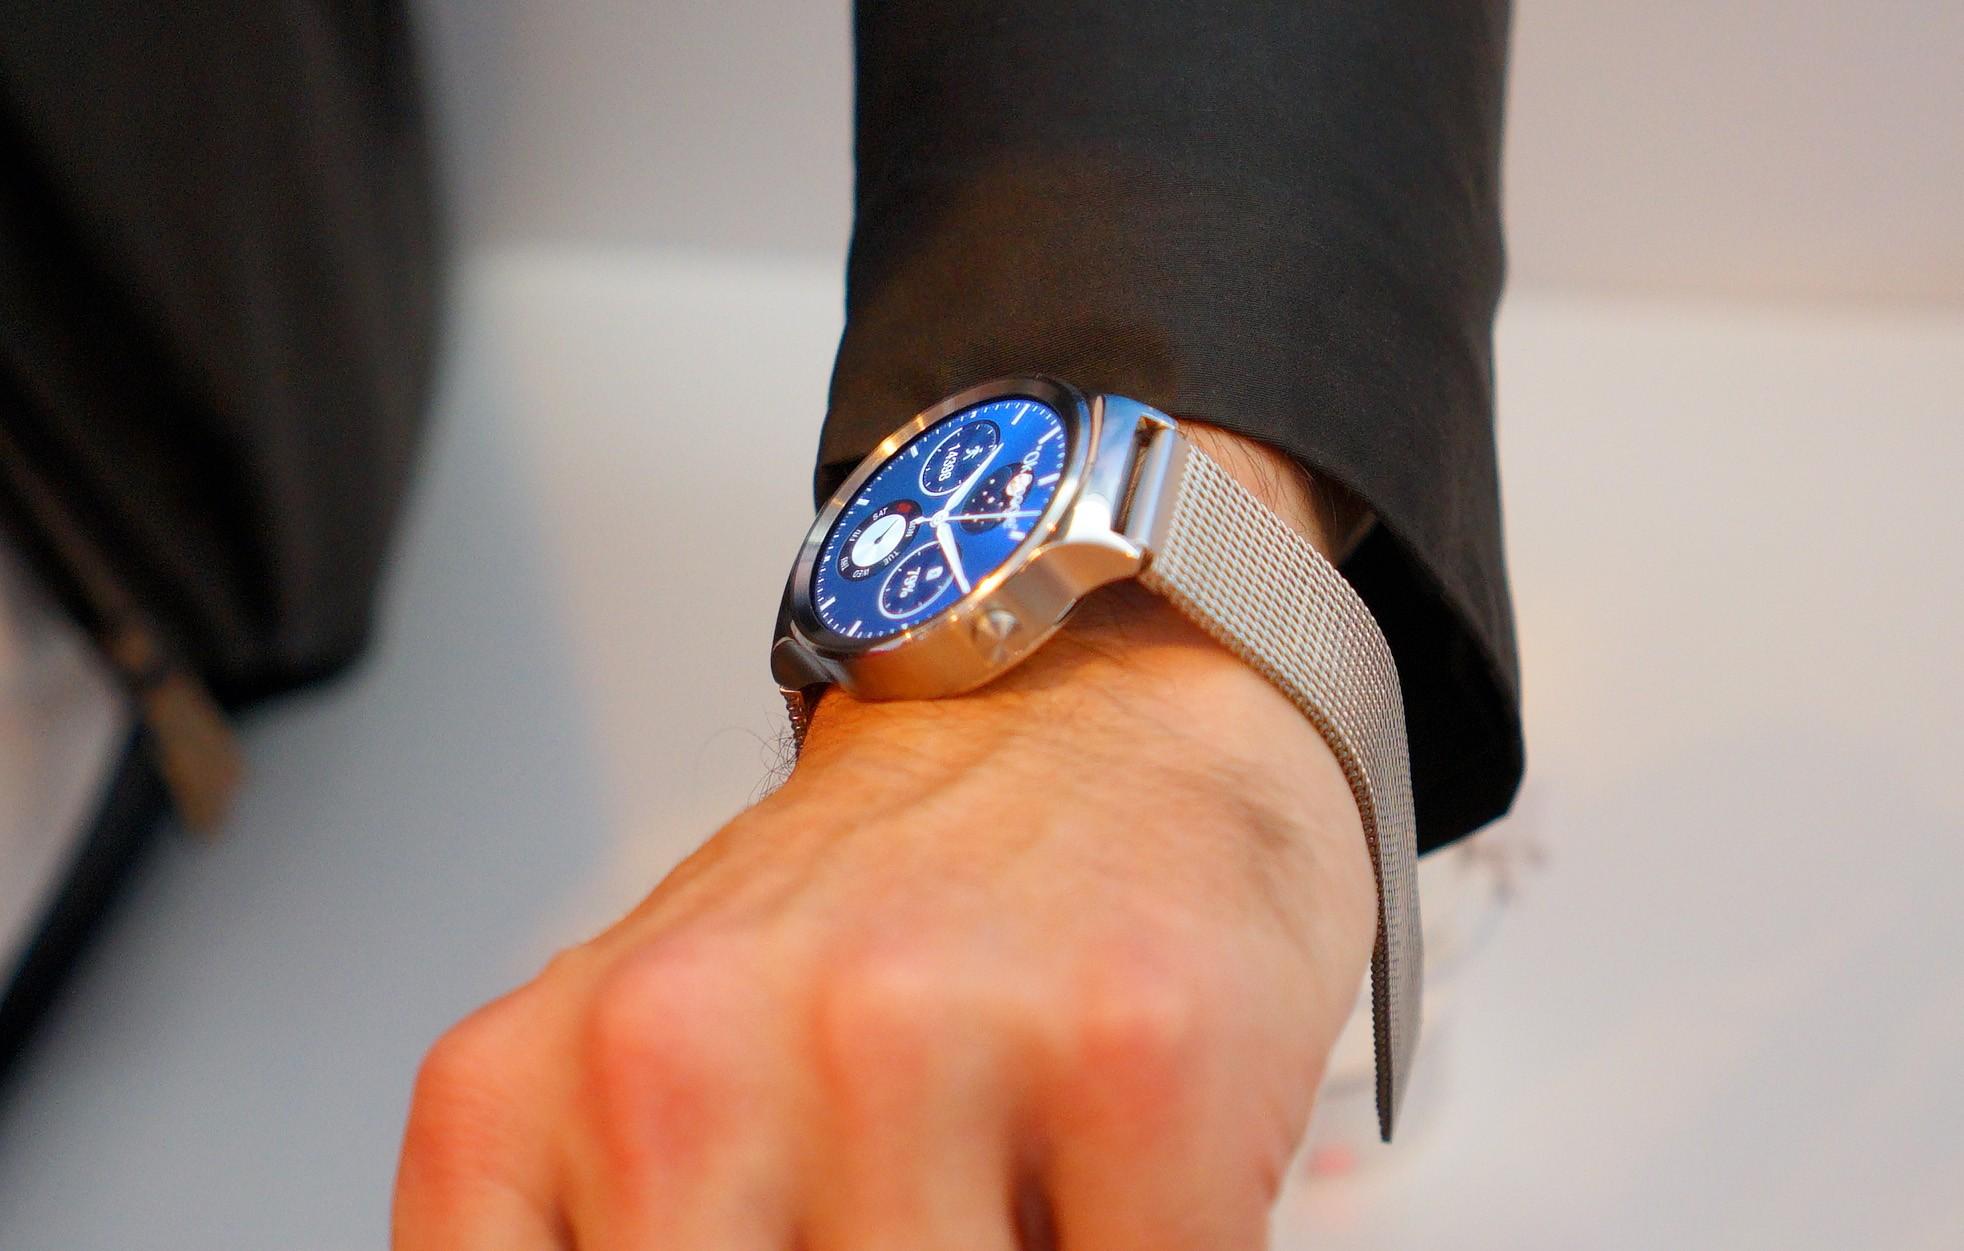 Huawei watch - Huawei Watch đã có thể đặt trước với giá 387 USD